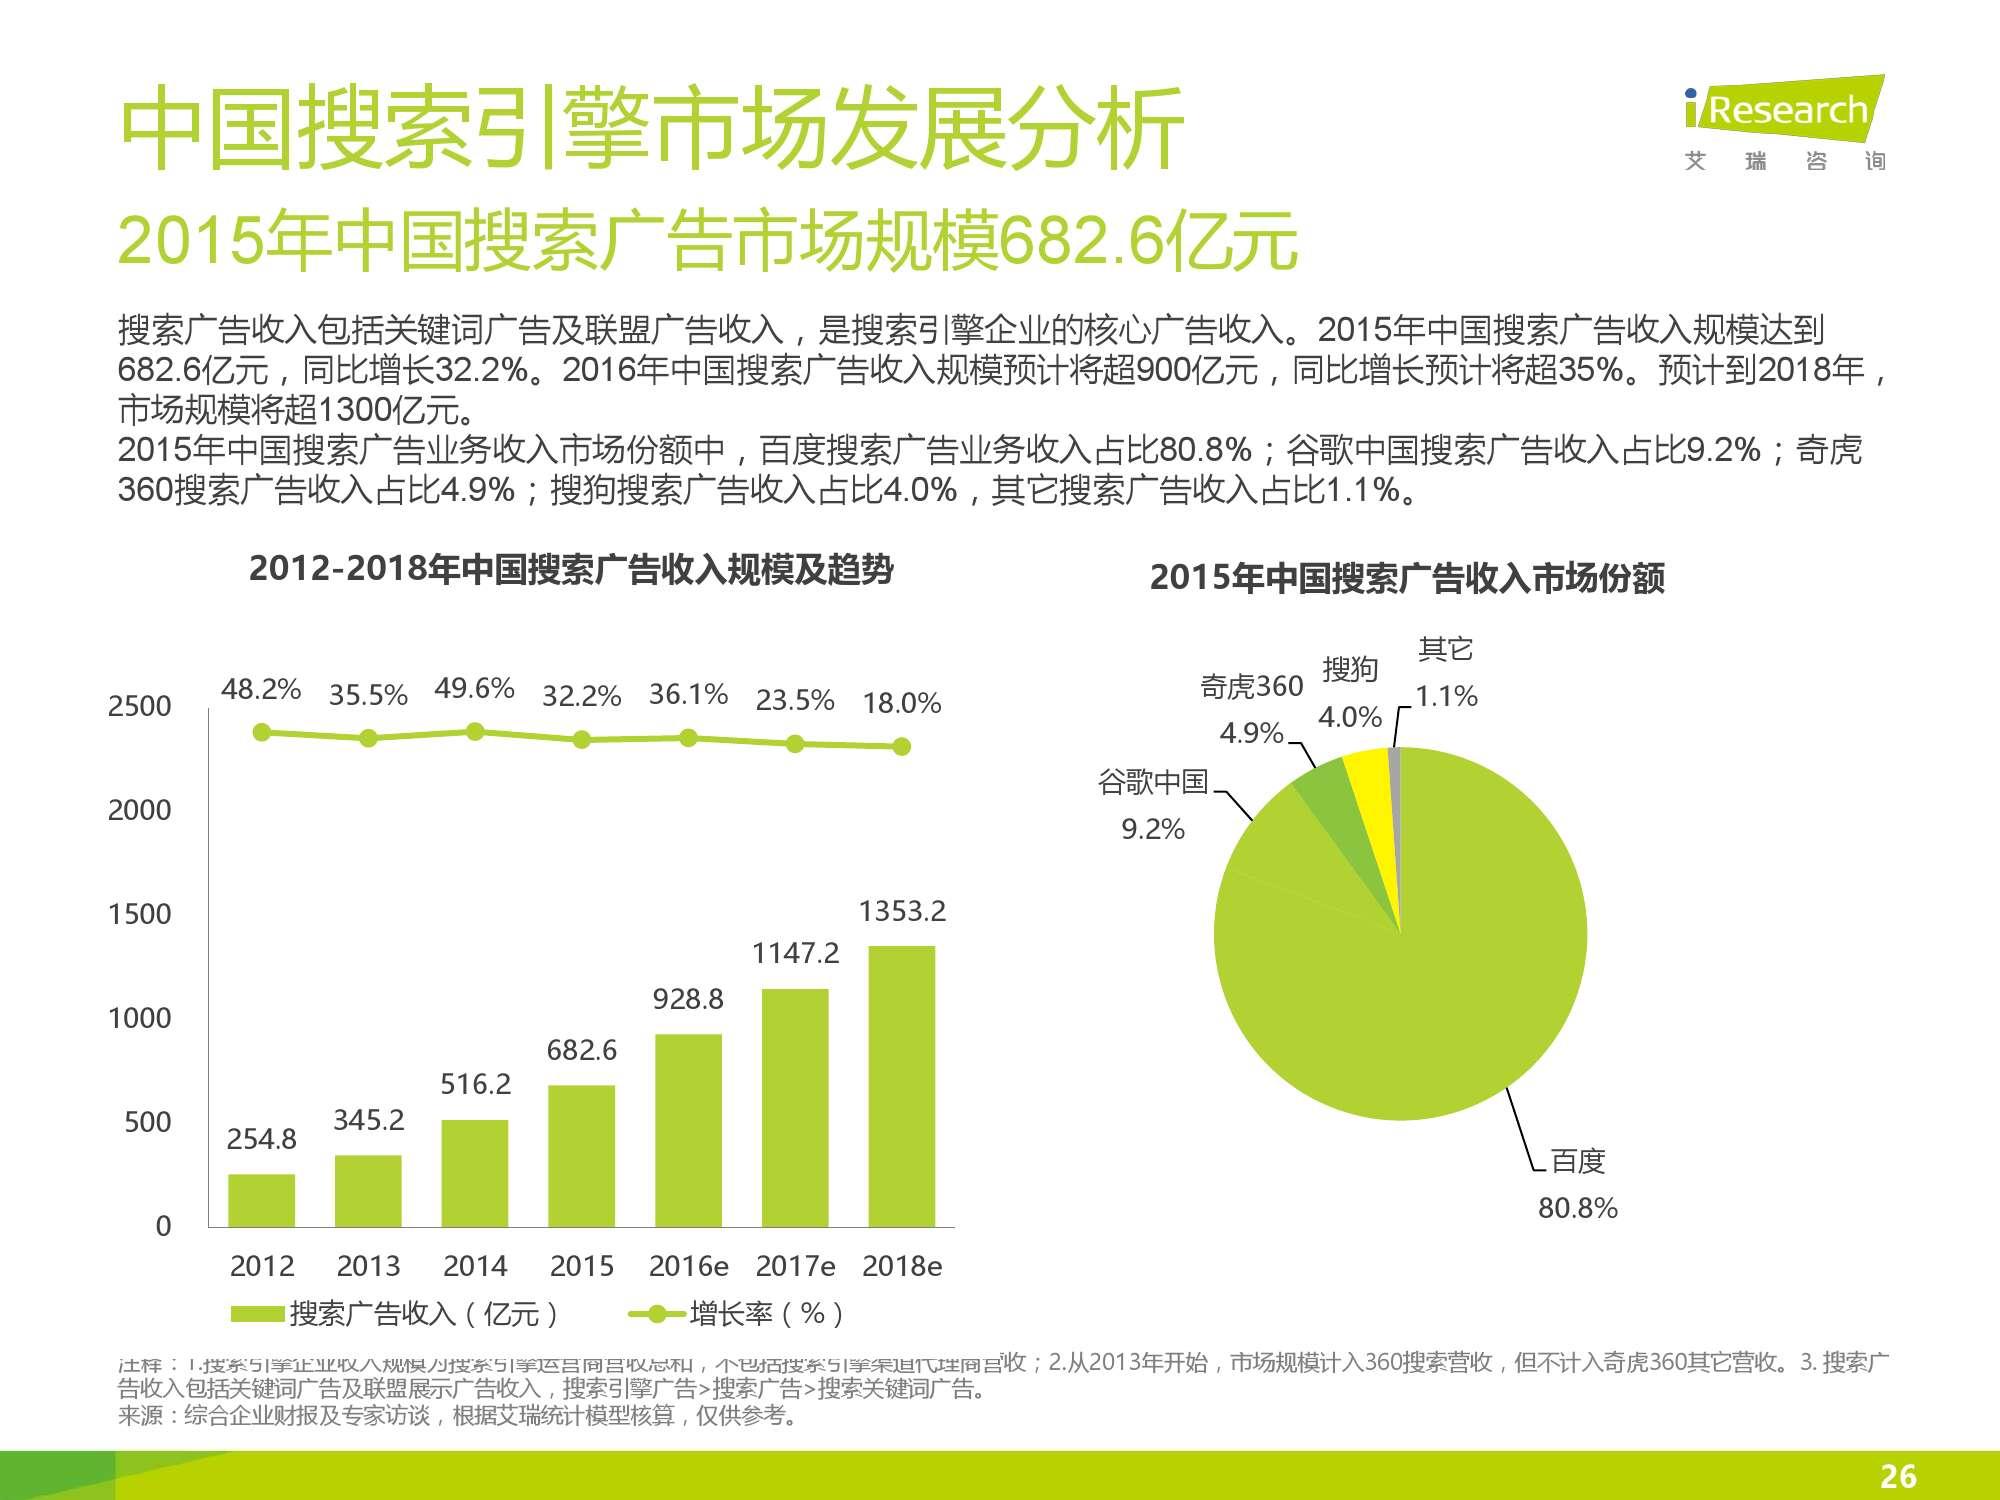 2016年中国网络广告行业年度监测报告简版_000026